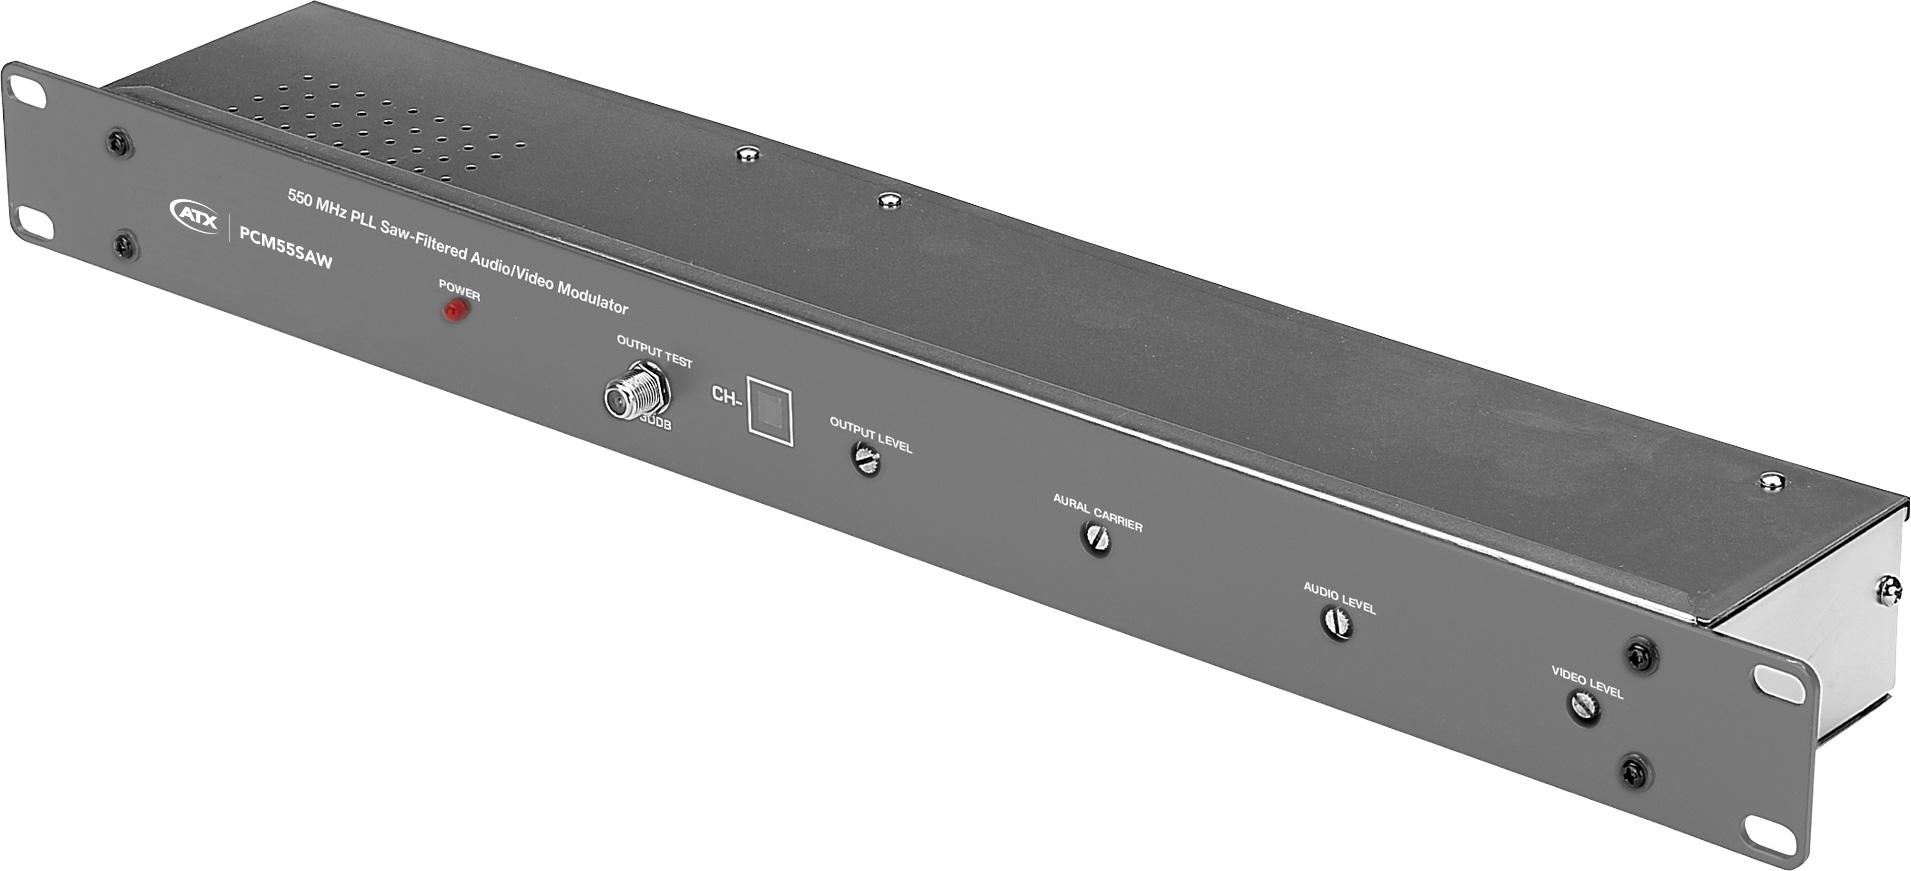 Pico Digital 1 Channel Crystal A/V Modulator - Channel N - 240-246 MHz